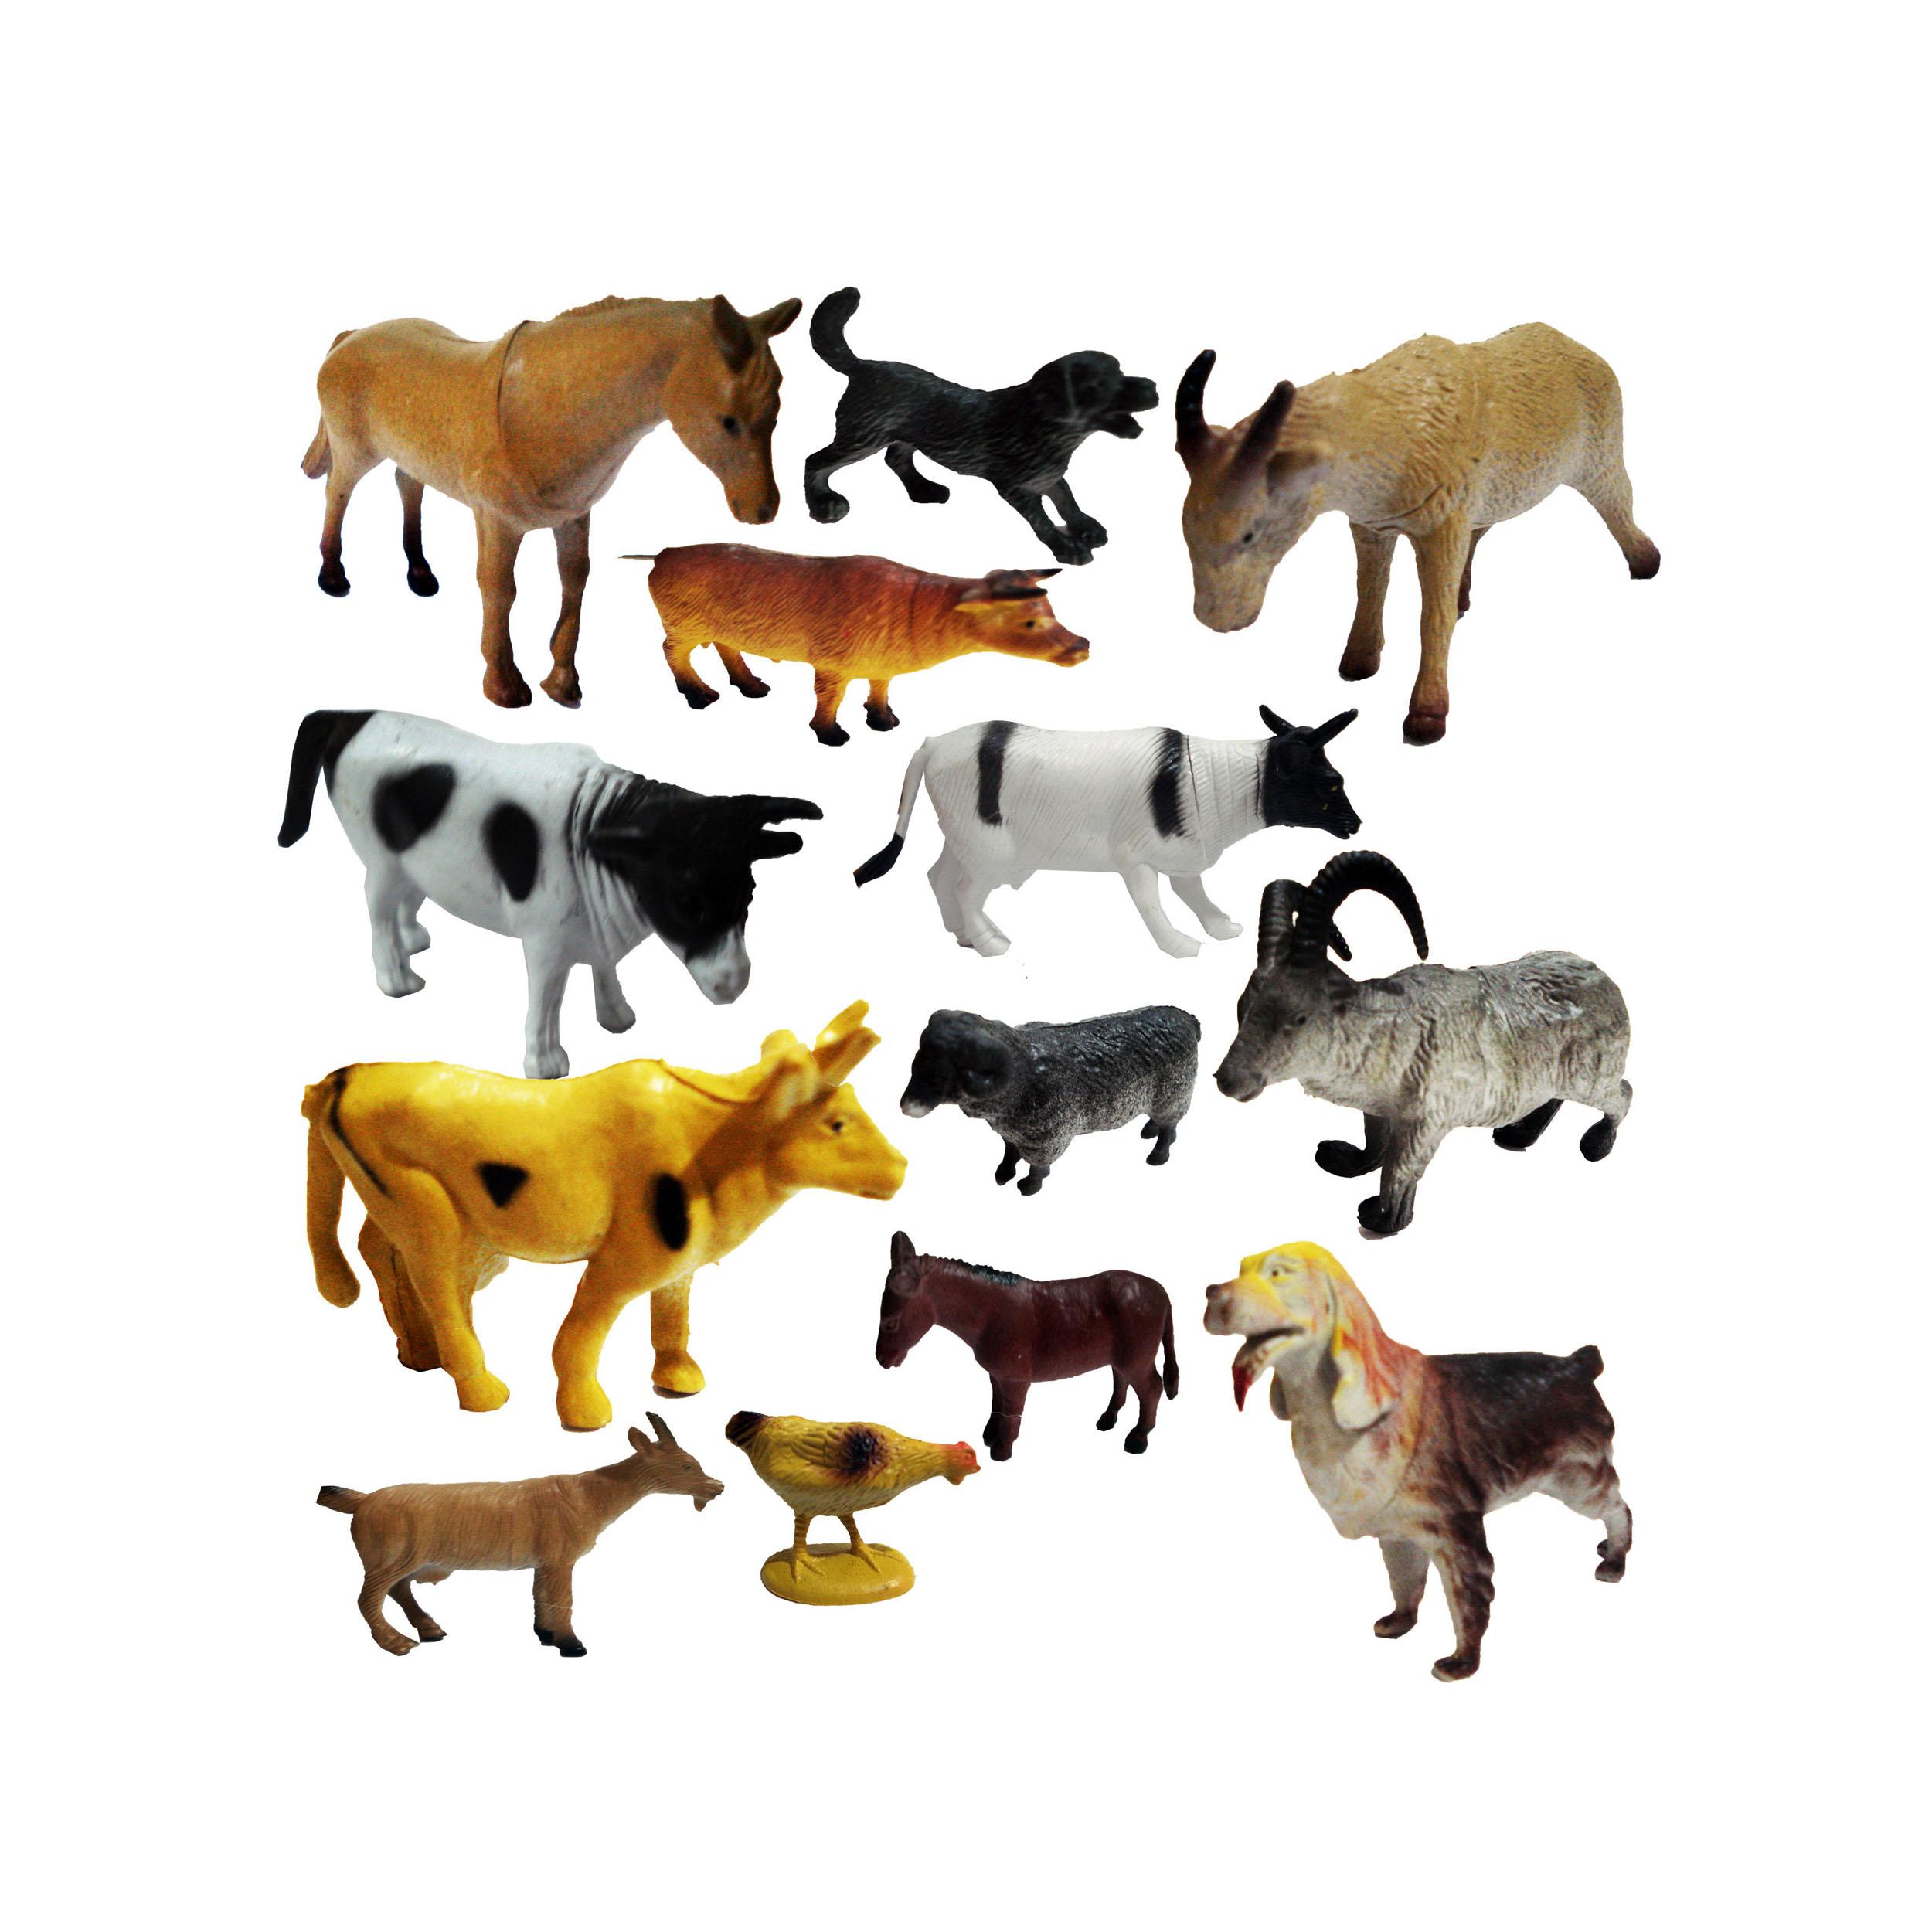 فیگور حیوانات مدل FARM SET مجموعه 13 عددی